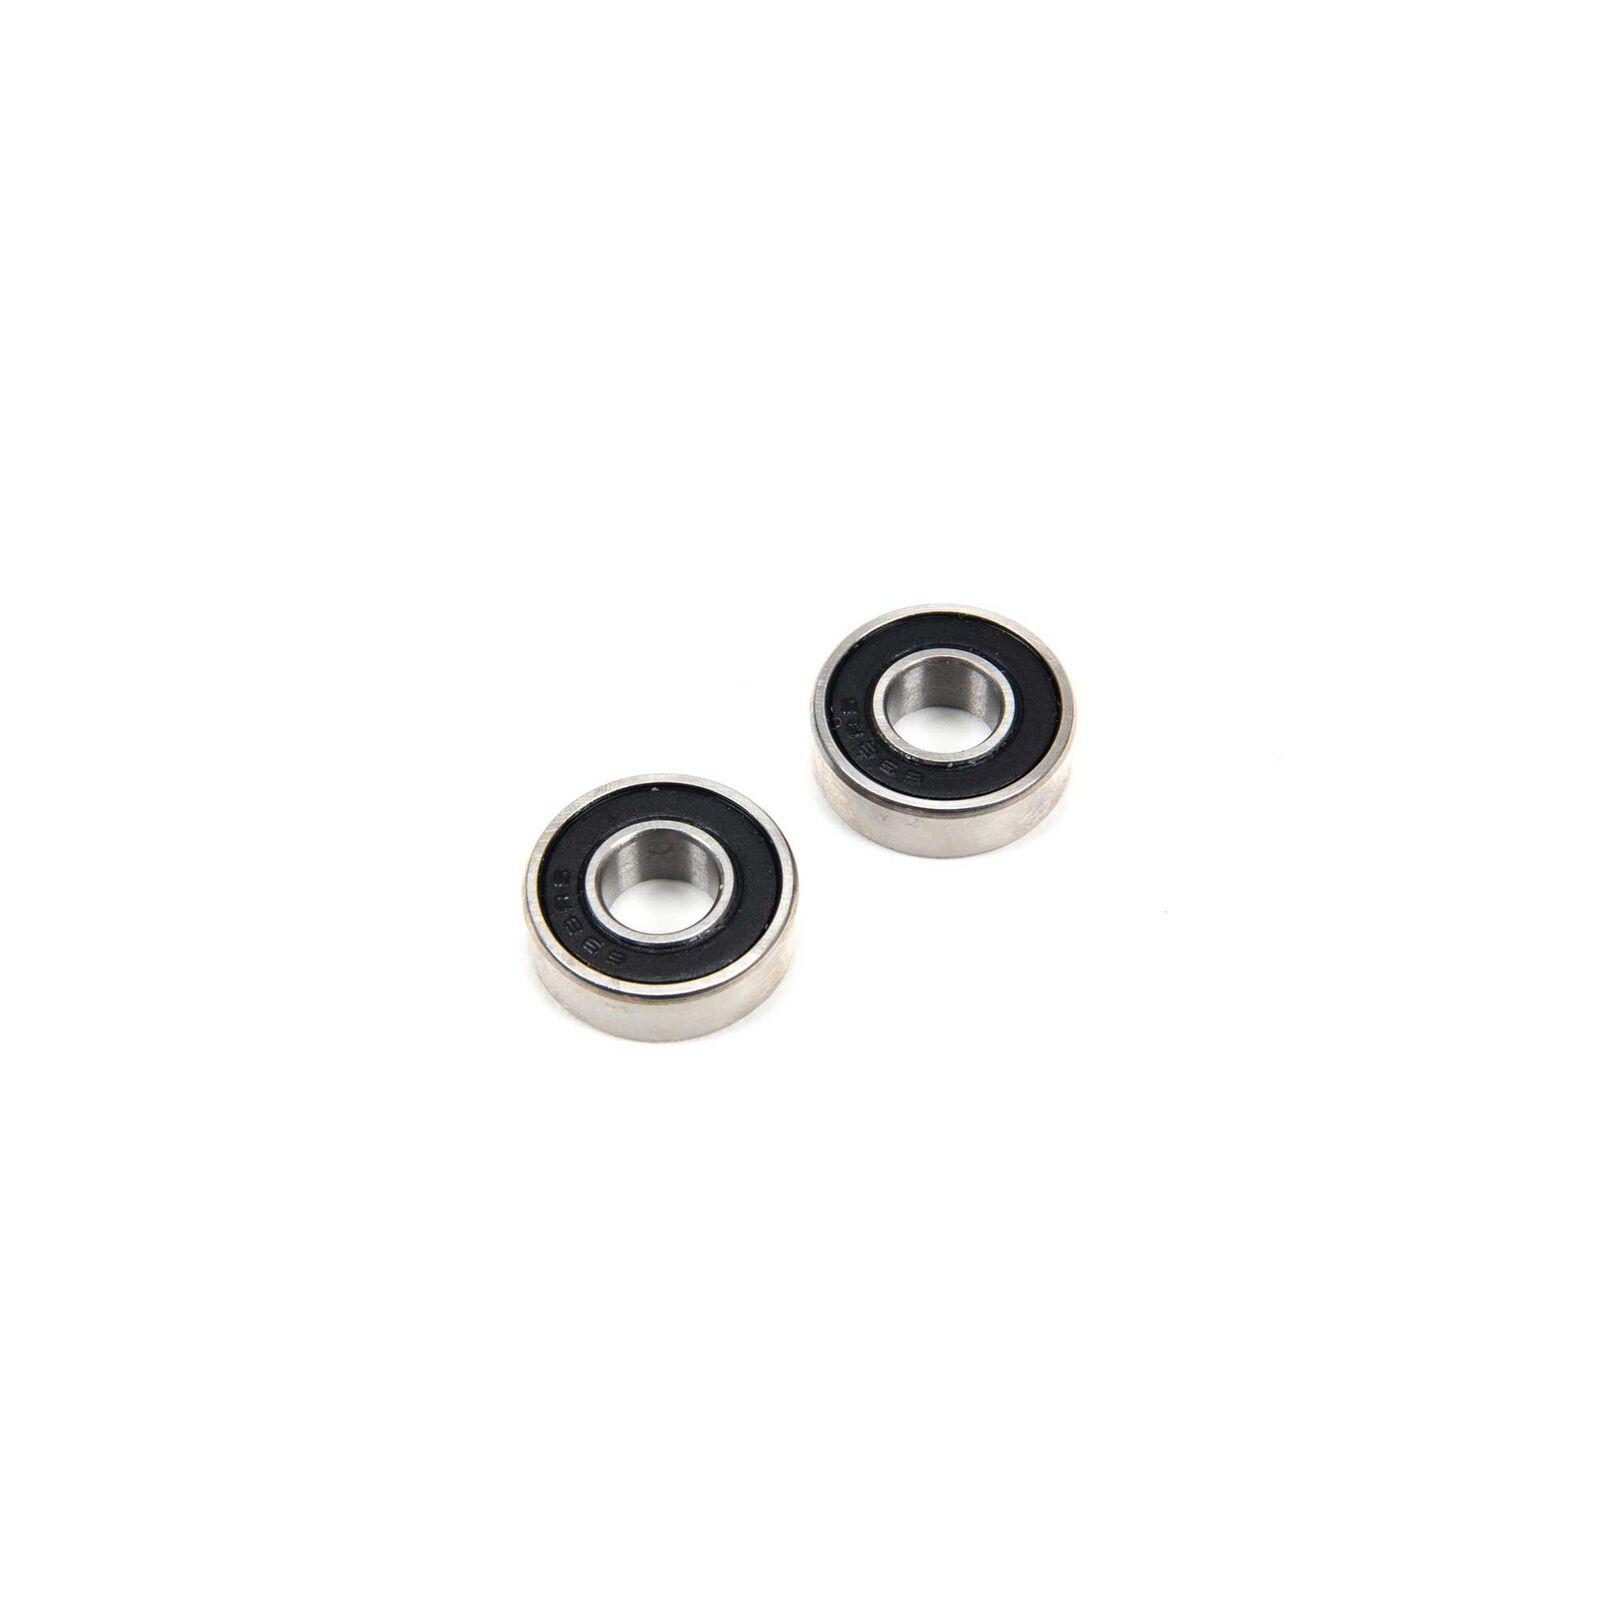 Ball Bearing 8x19x6mm (2RS) (2)